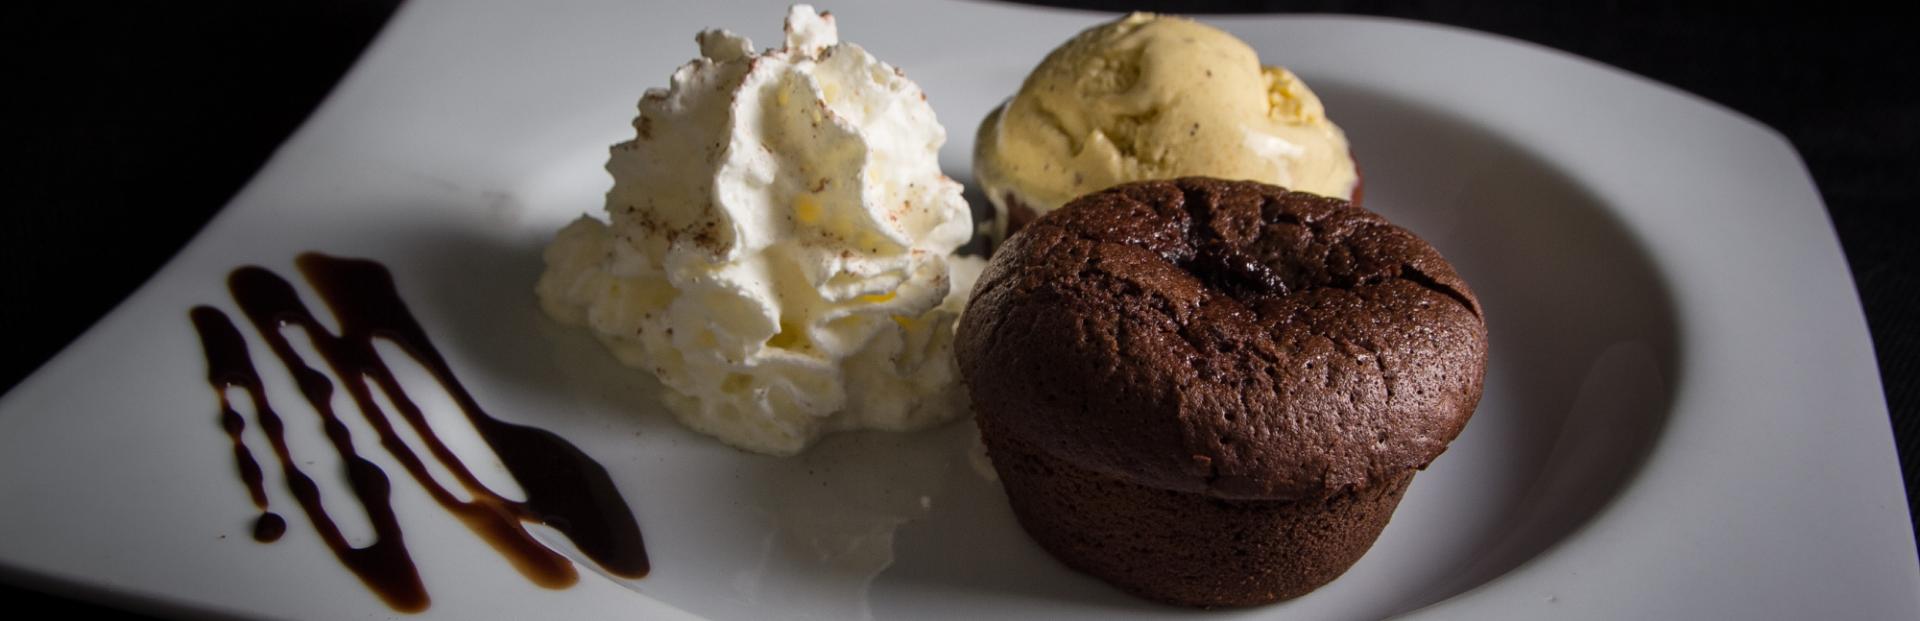 Fondant au chocolat avec boule de glace et chantilly - Carte Maccenzo